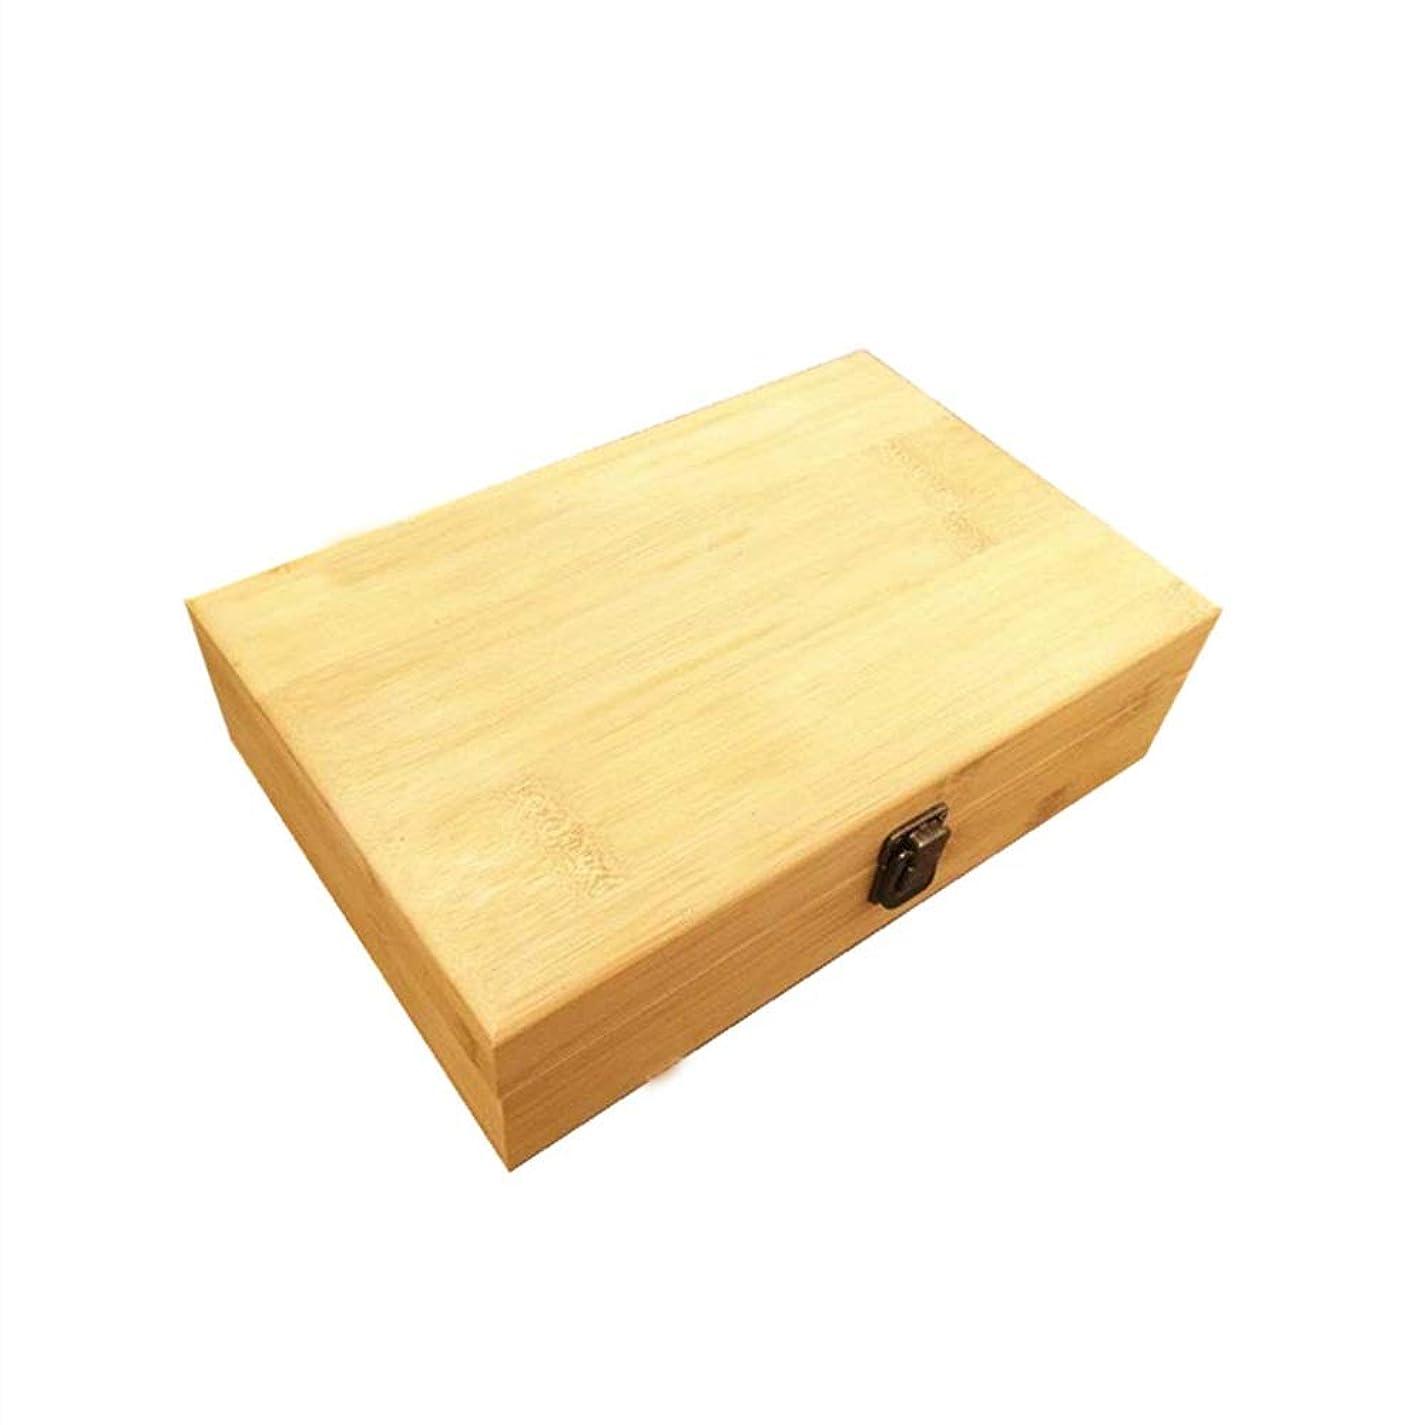 オフレコーダー剥ぎ取る40スロットエッセンシャルオイルボックス木製収納ケースは、40本のボトルエッセンシャルオイルスペースセーバーの開催します 香水フレグランス (色 : Natural, サイズ : 29X18.5X8CM)